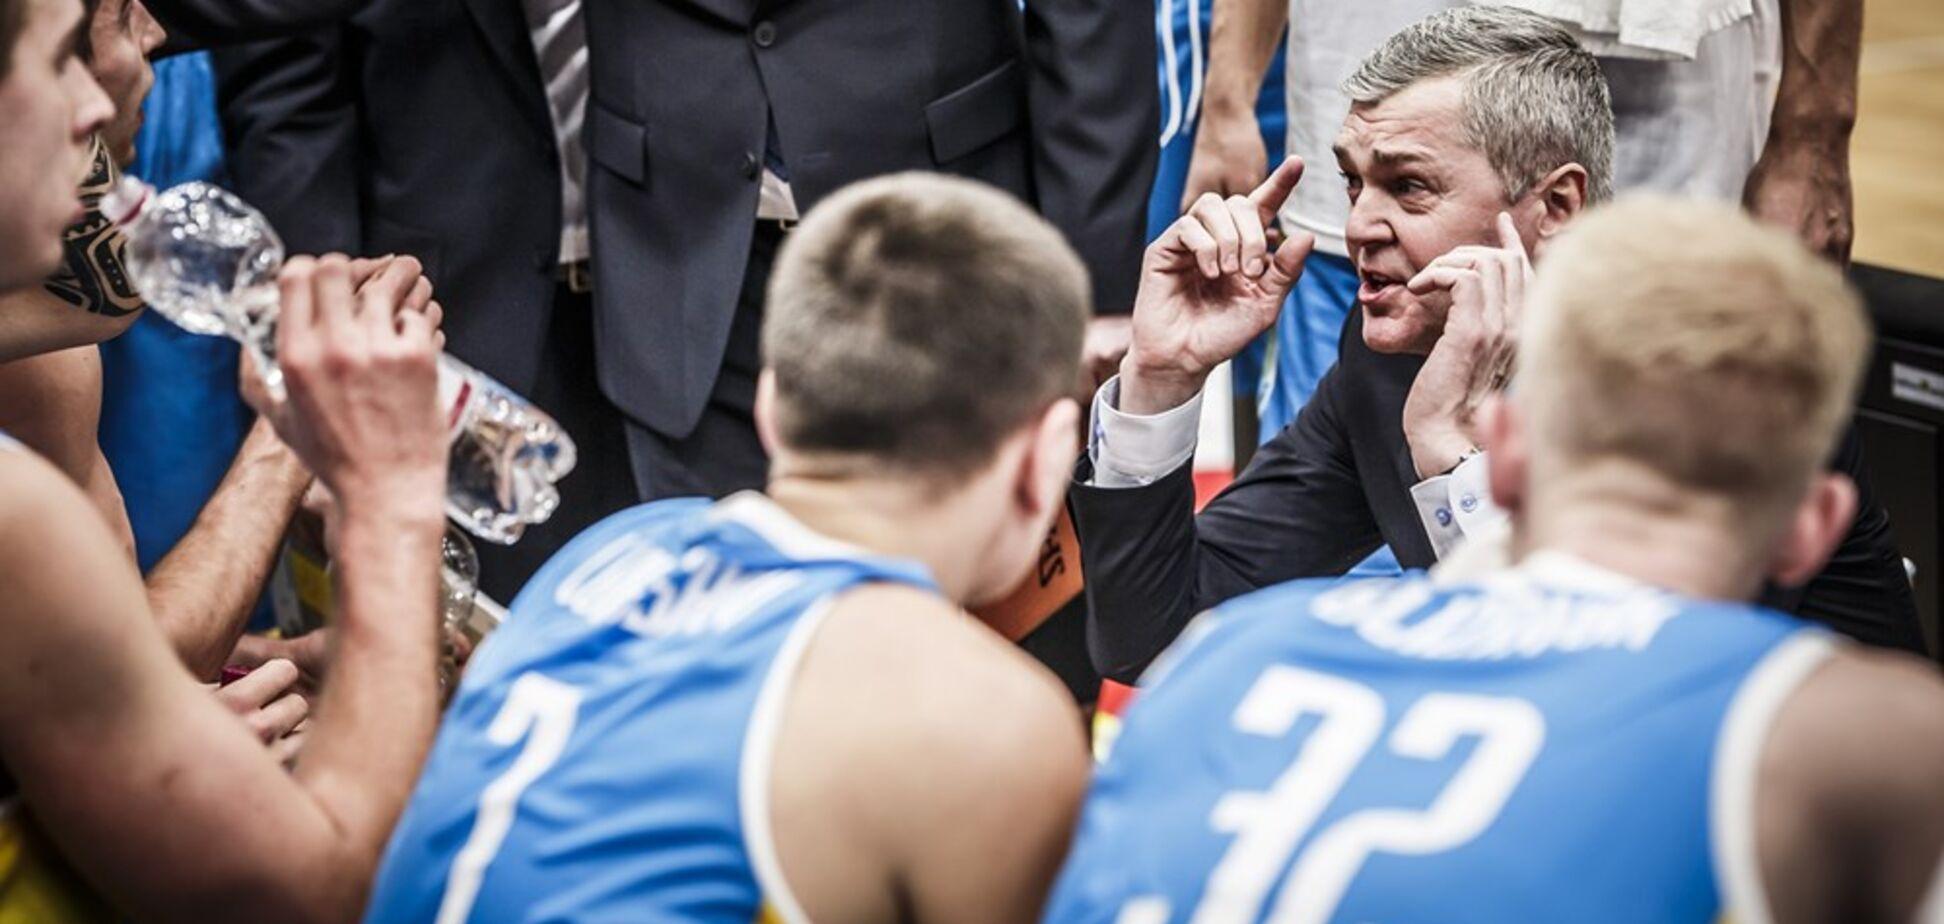 Багатскис прокомментировал победу сборной Украины над Австрией в отборе к Евробаскету-2021